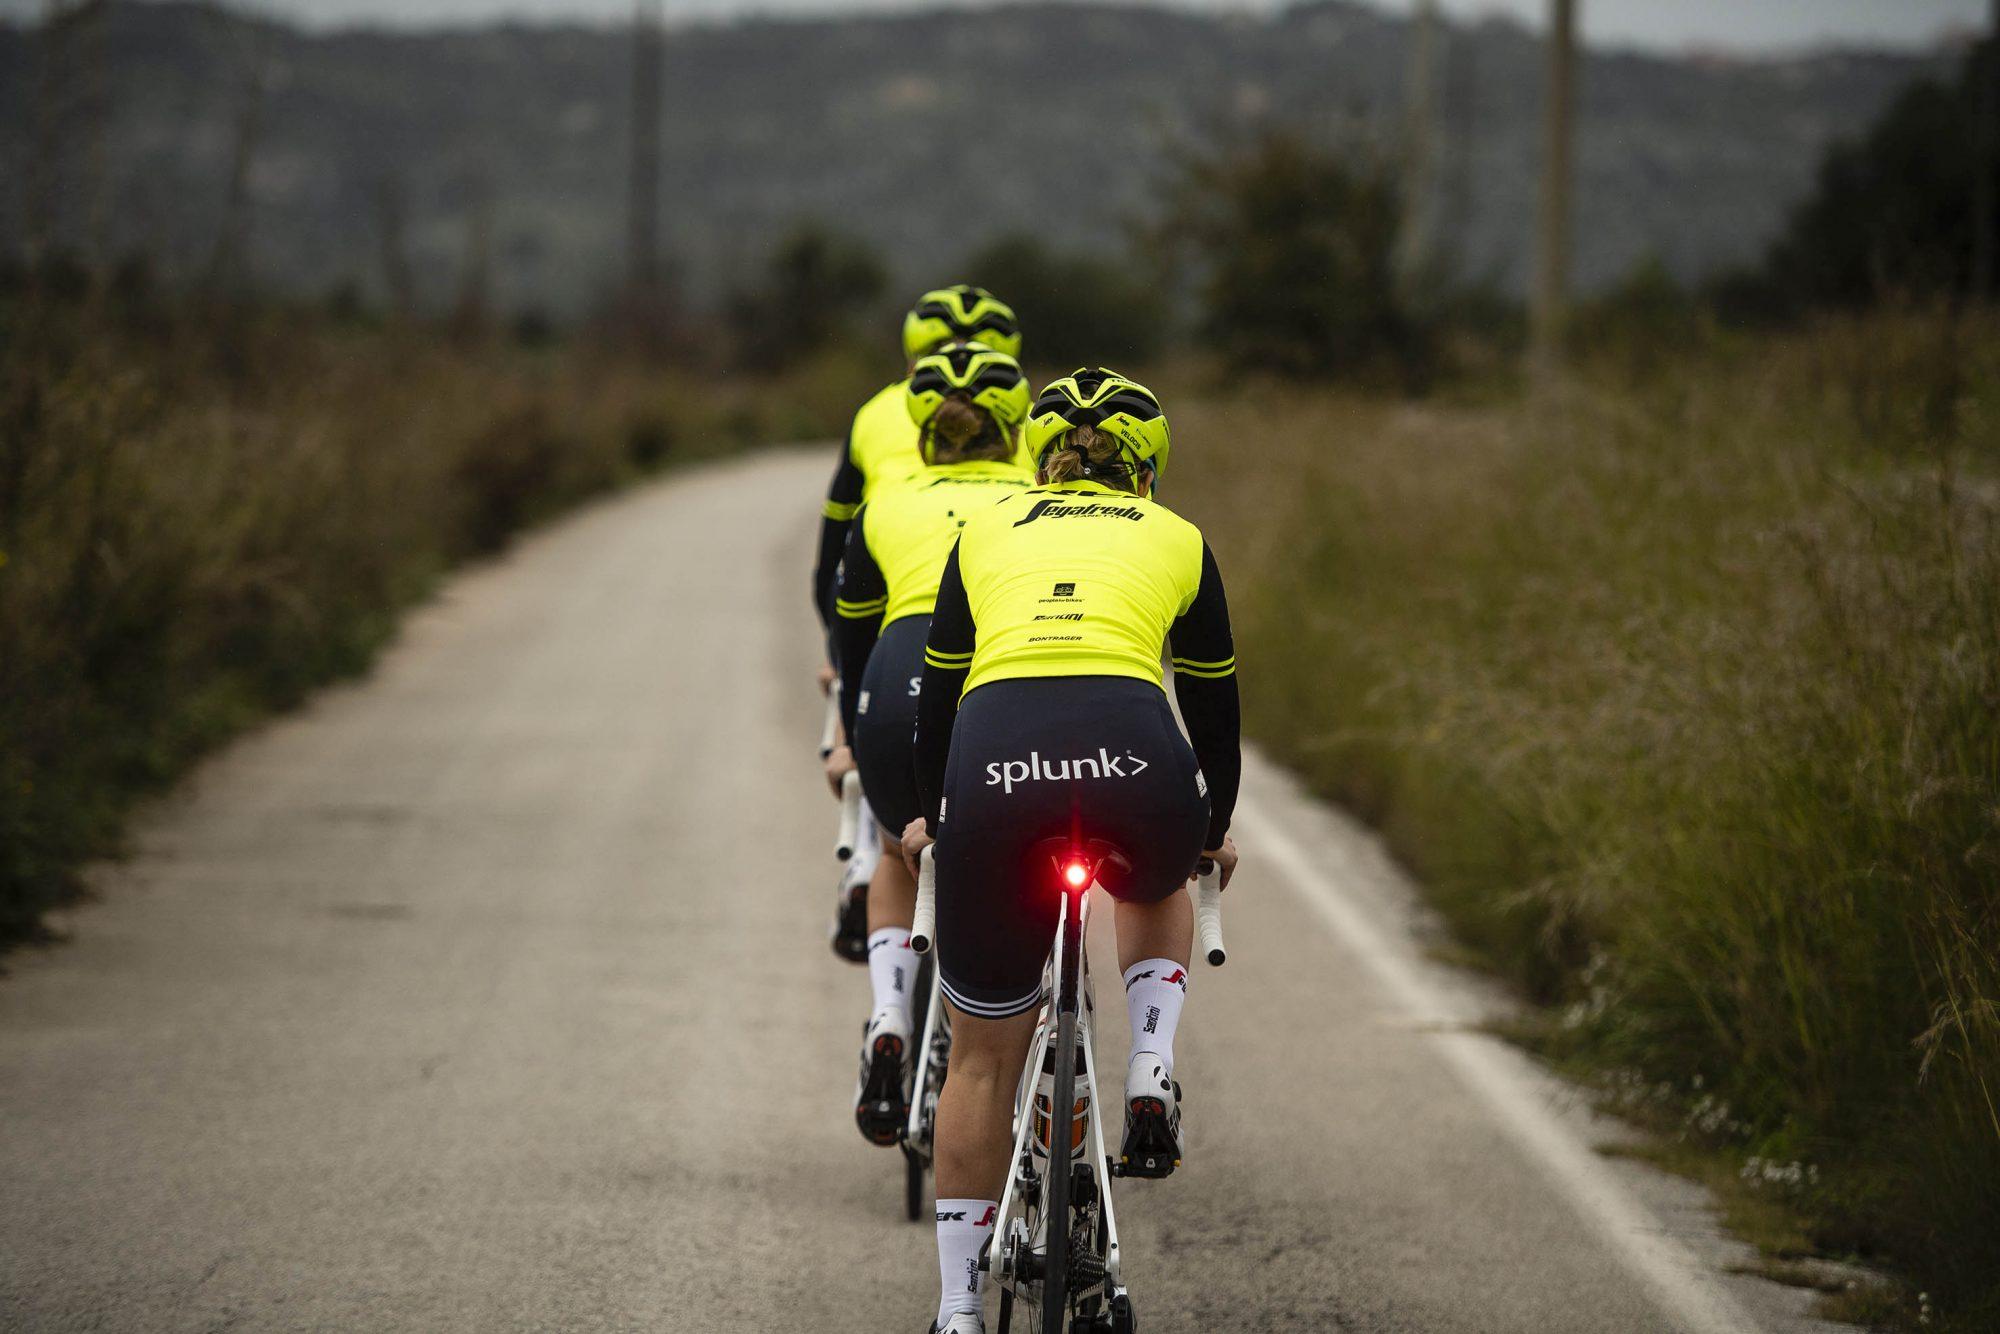 designer nuovo e usato più vicino a sentirsi a proprio agio Ciclismo e sicurezza in strada, un aiuto dai capi ...